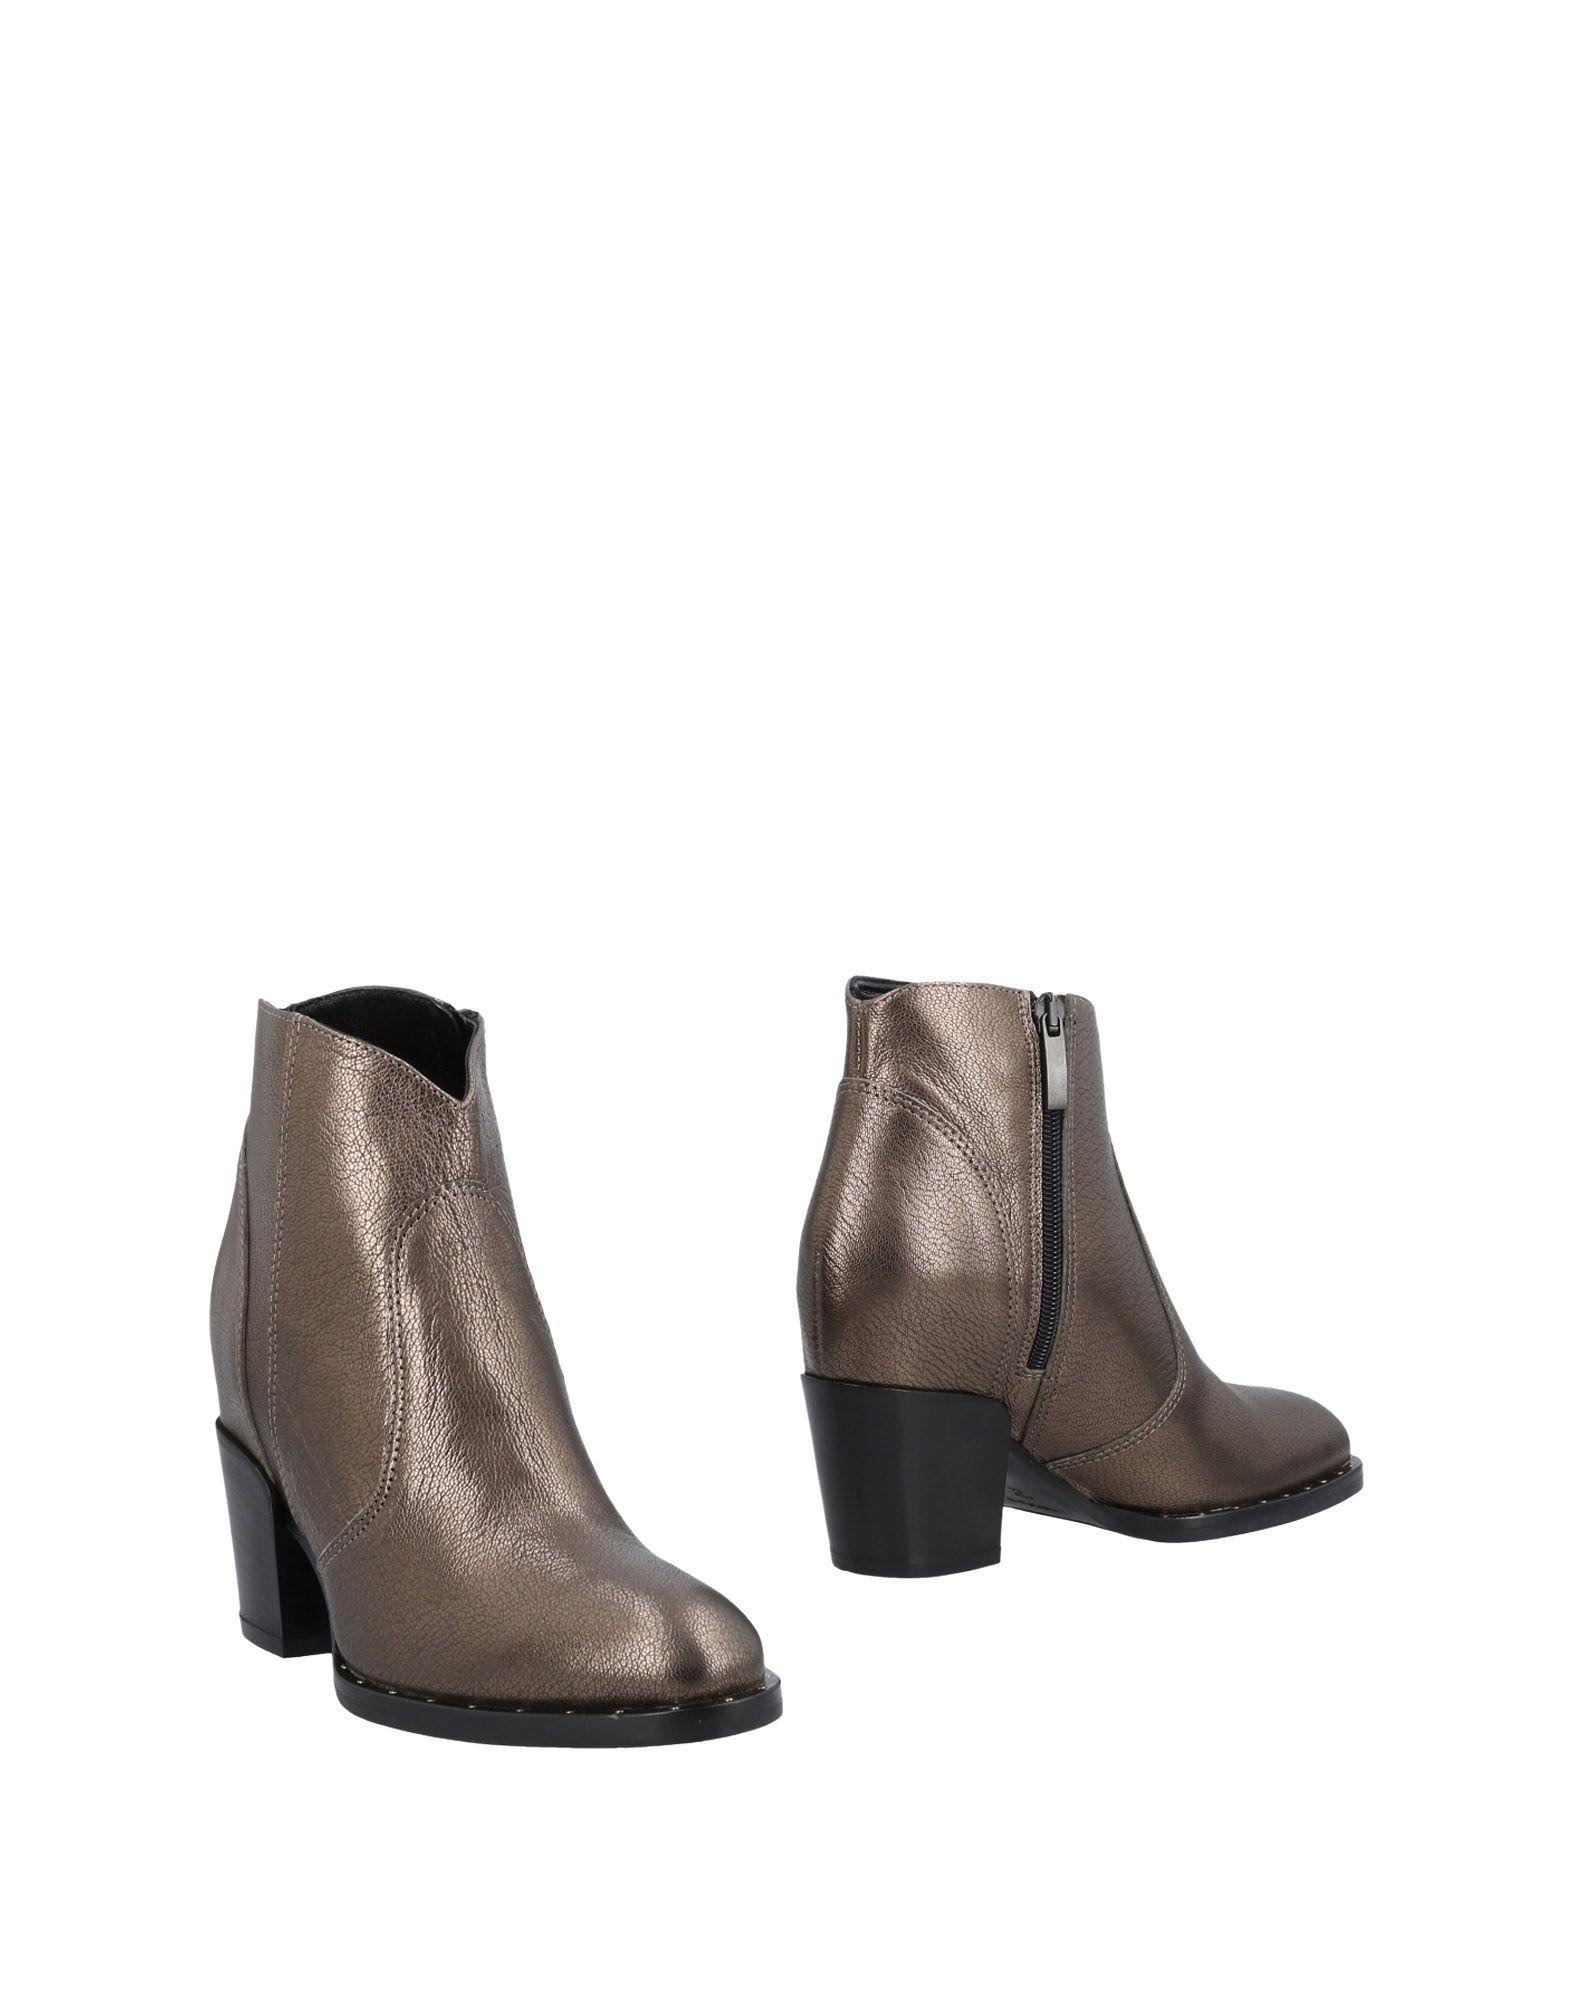 Lorenzo Mari Stiefelette Damen beliebte  11484384TK Gute Qualität beliebte Damen Schuhe d838f6